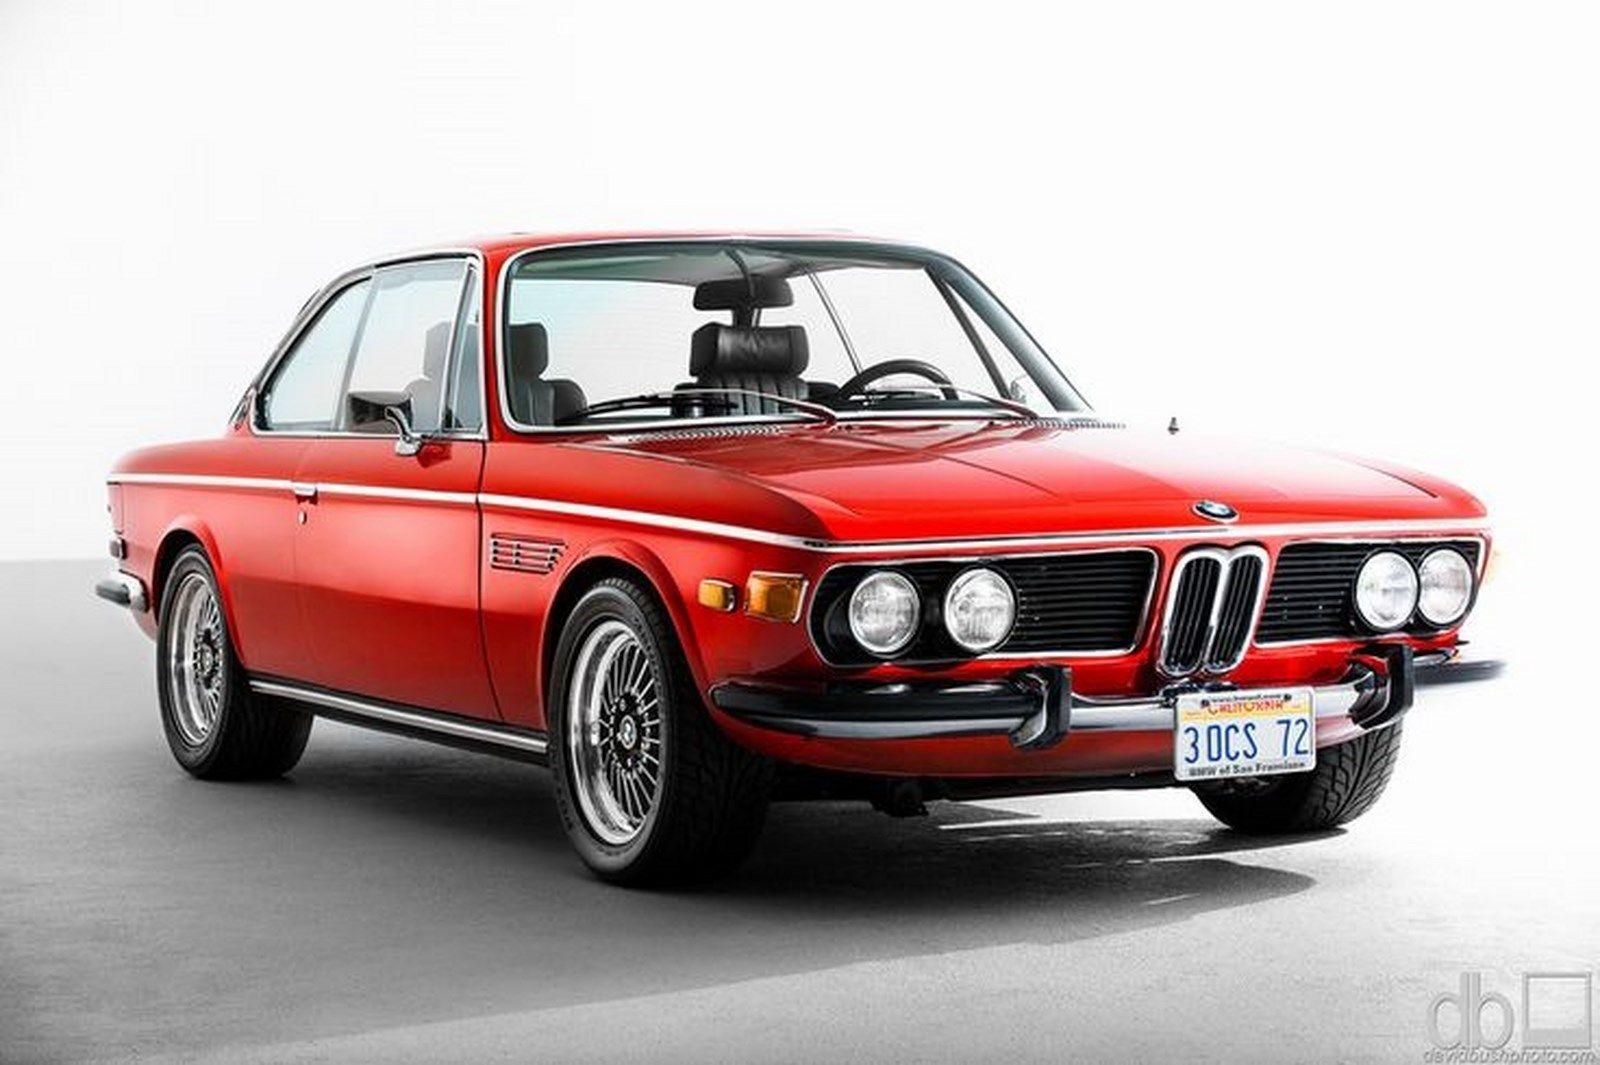 1972 BMW 3.0CS Bmw e9, Bmw classic cars, Bmw